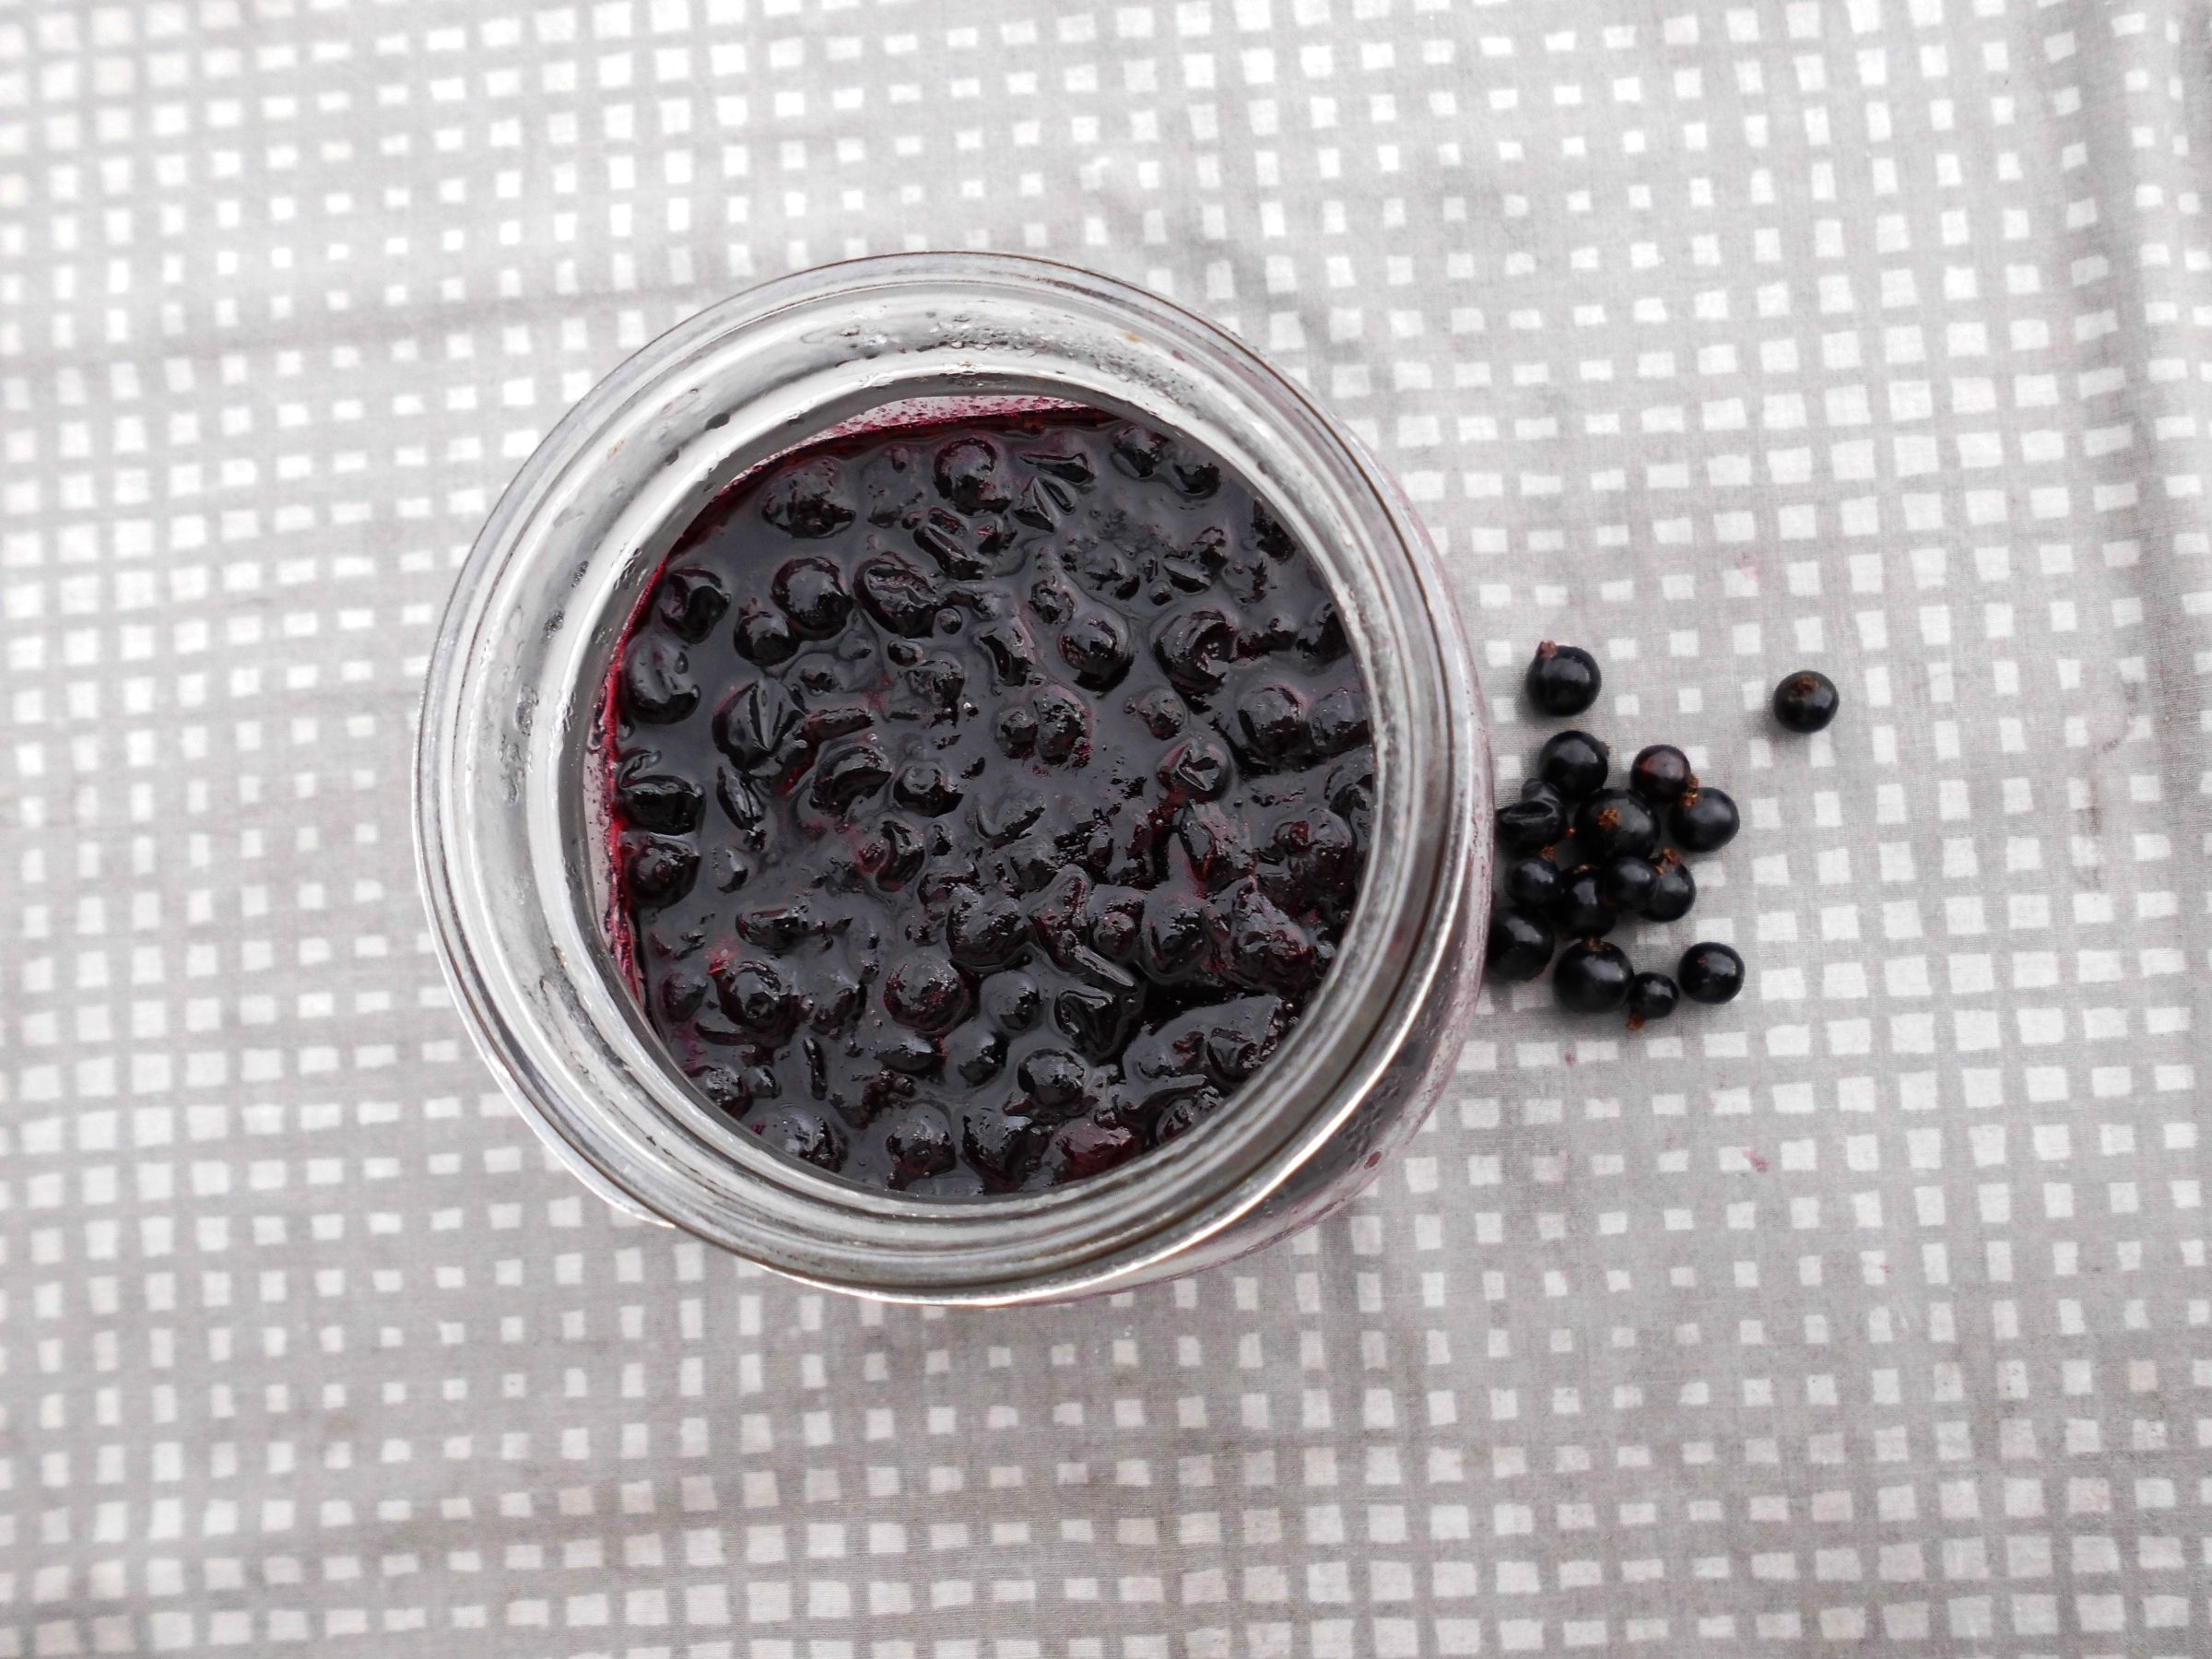 Hjemmelavet solbærmarmelade uden tilsætningsstoffer